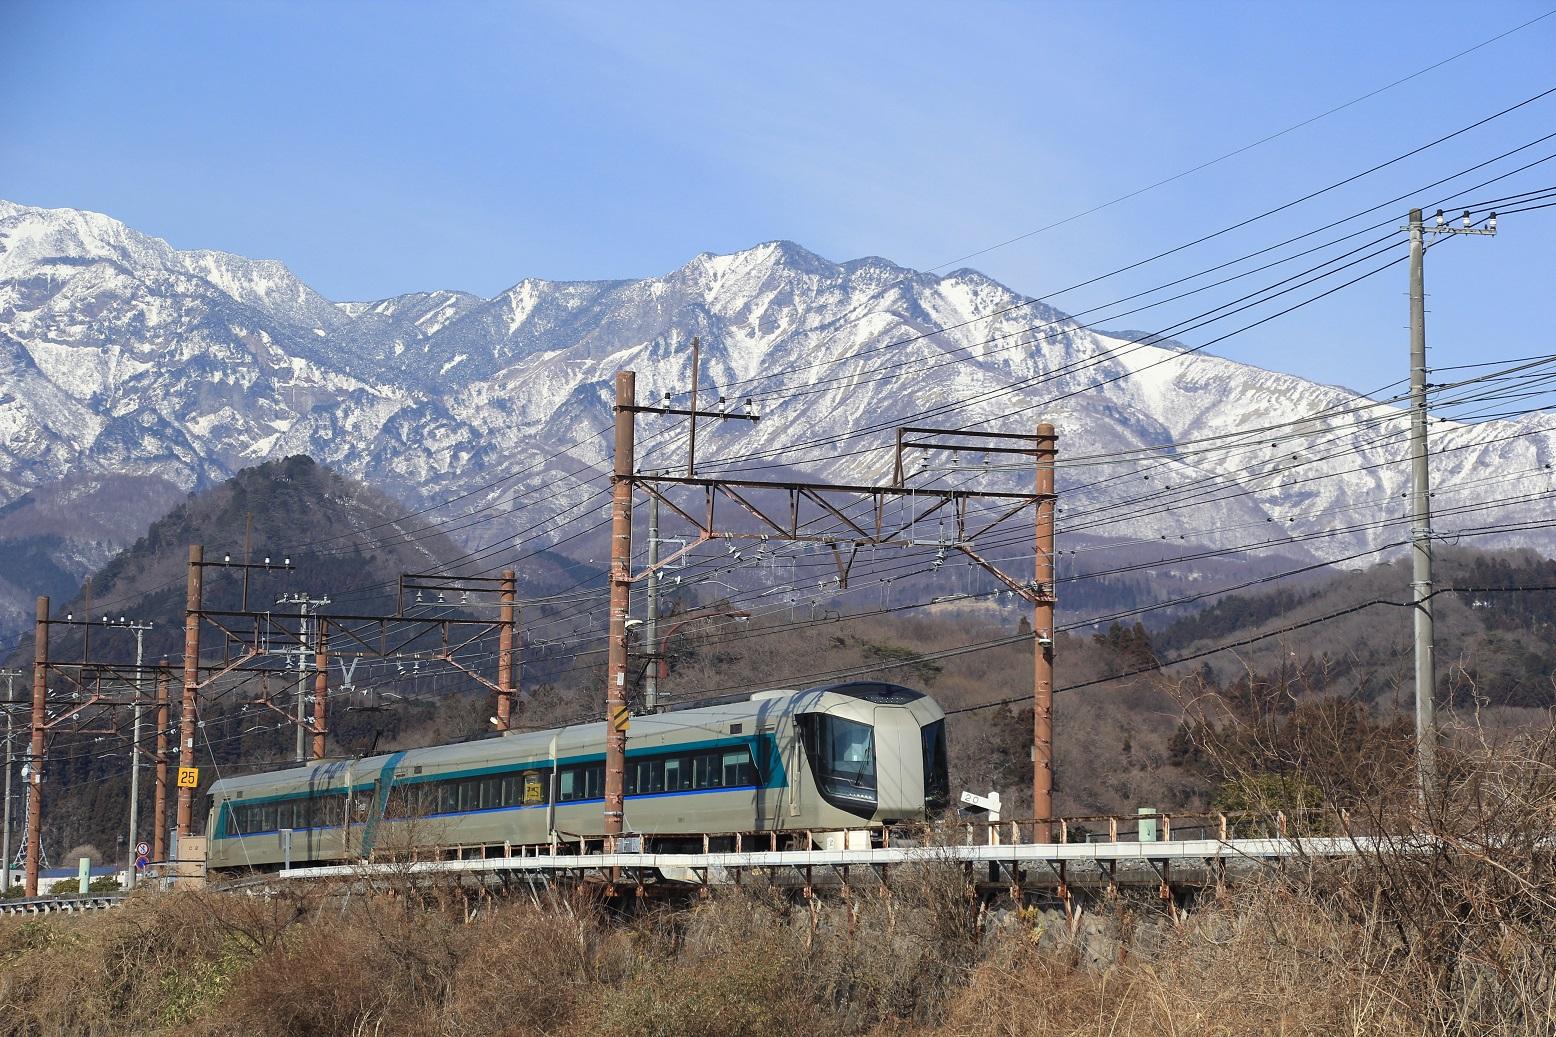 県民一家族一旅行推進事業を応援する「栃木県内旅行キャッシュバックキャンペーン」を実施します!